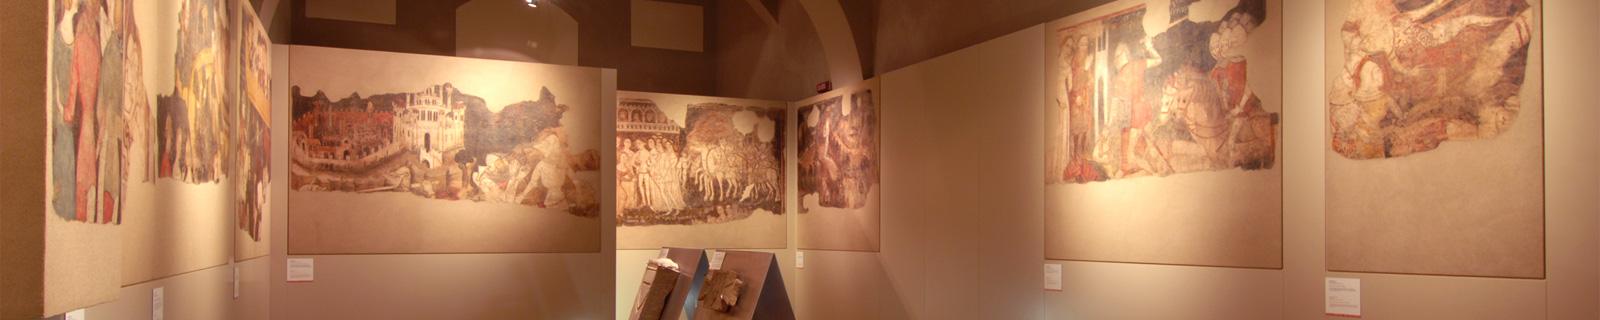 Immagine di testata: scorcio interno delle Sale d'Arte